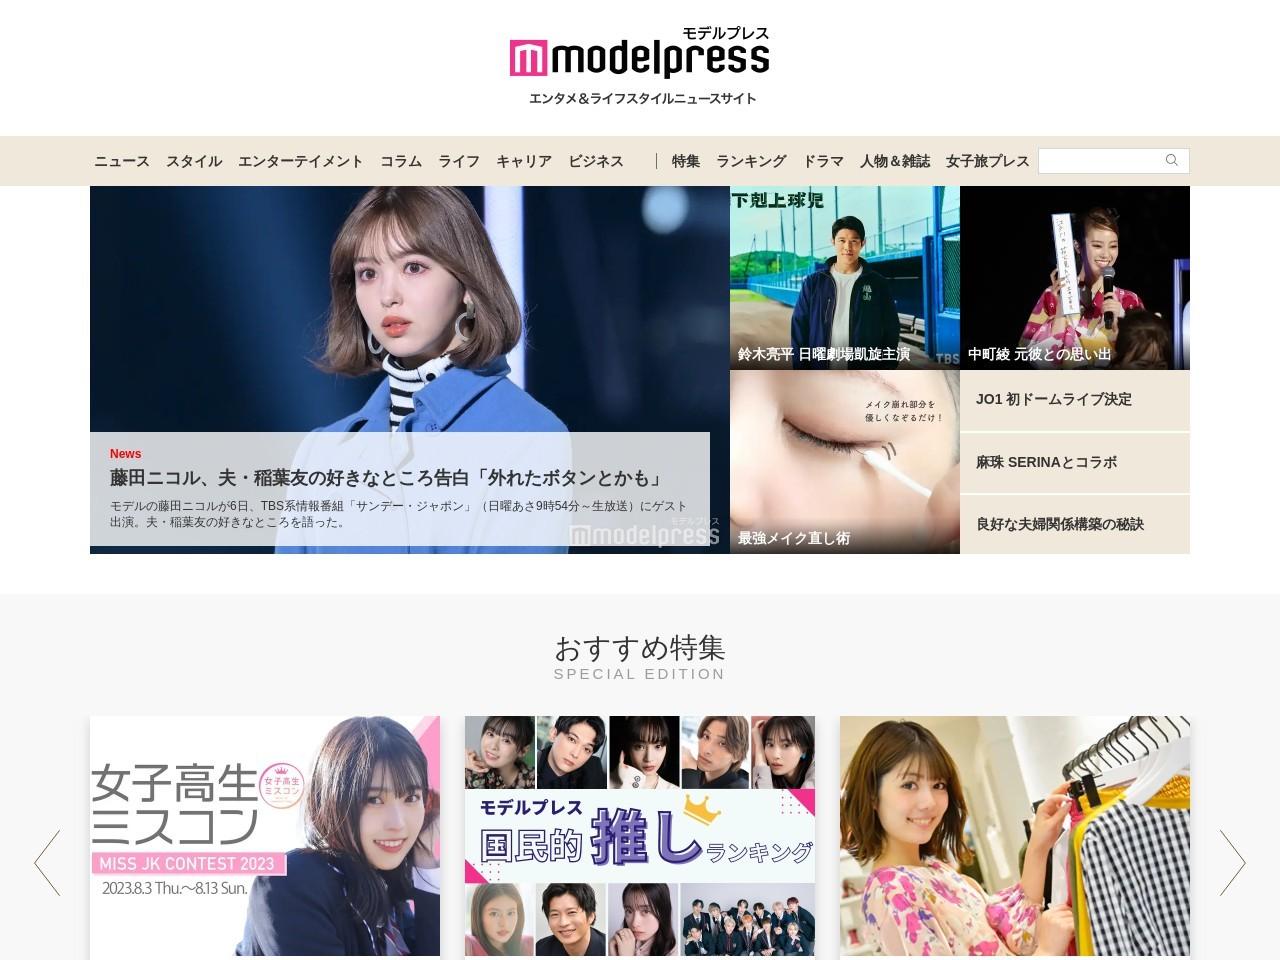 倖田來未、妹・misonoと2ショットで「大変な時こそ…」がん公表のNosukeにコメント 今日一番読まれた …